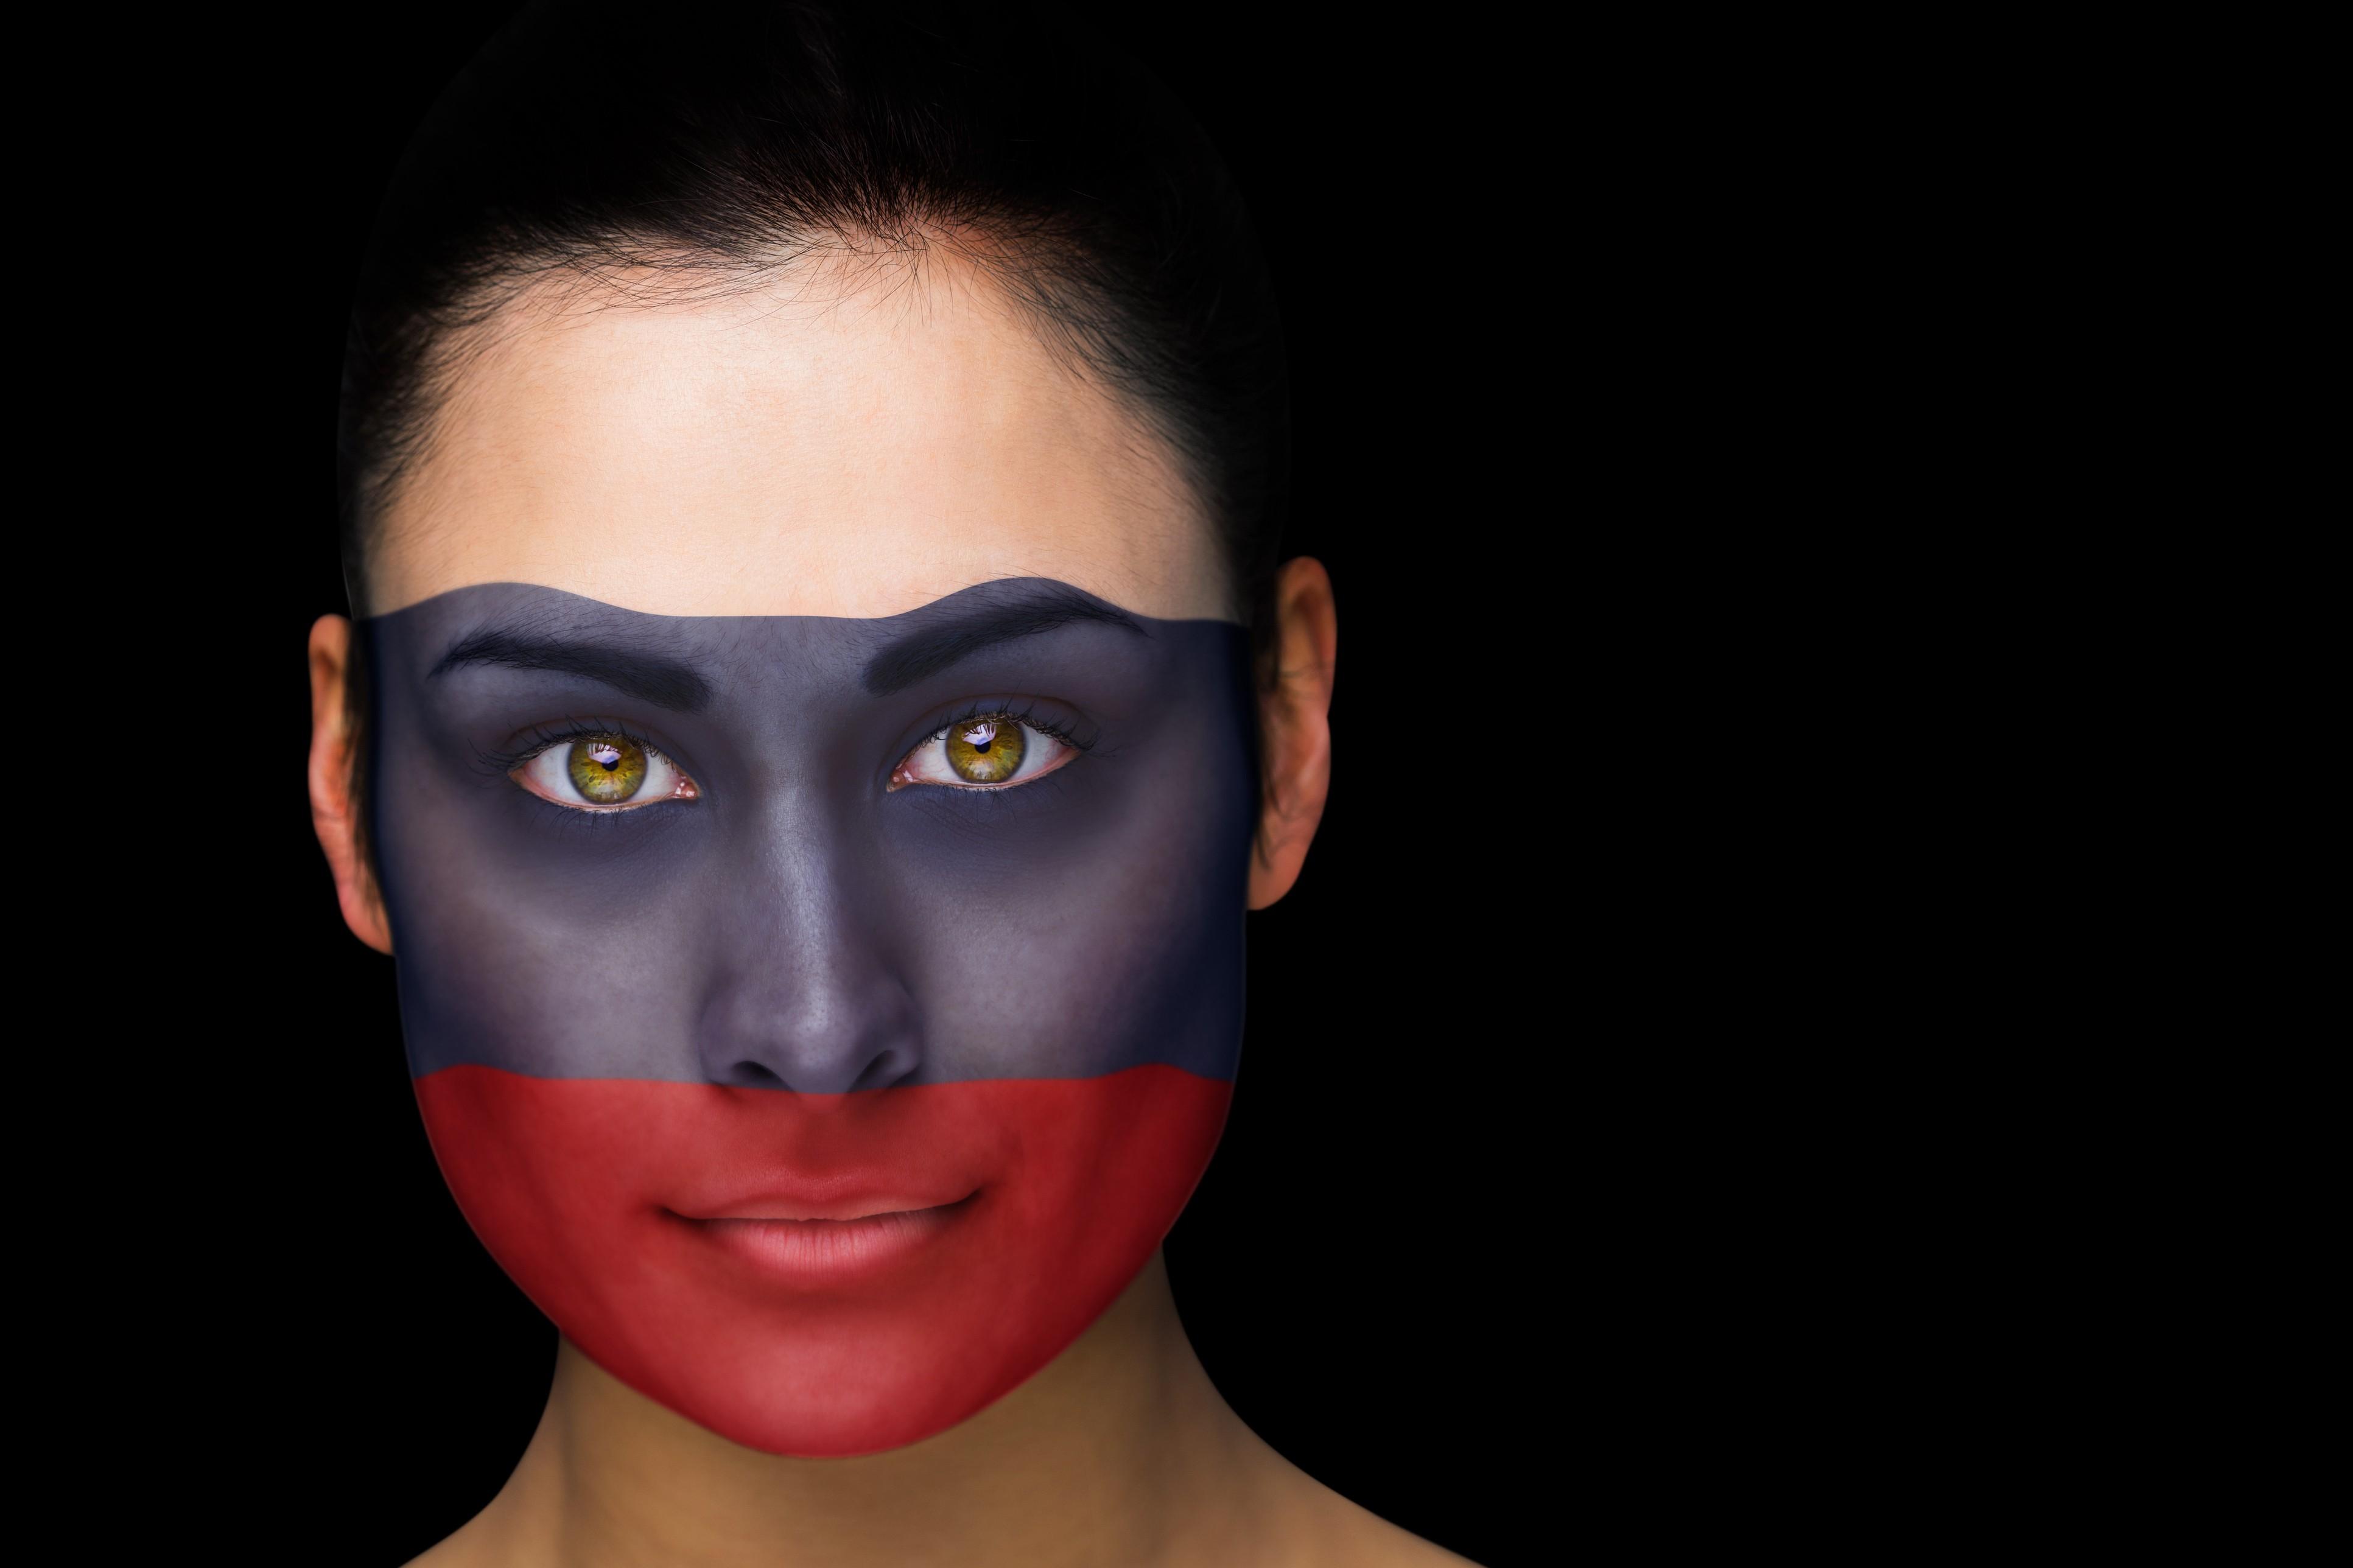 A Rússia foi pioneira em questão de direitos reprodutivos, mas ao mesmo tempo a violência doméstica é permitida (Foto: Thinkstock)